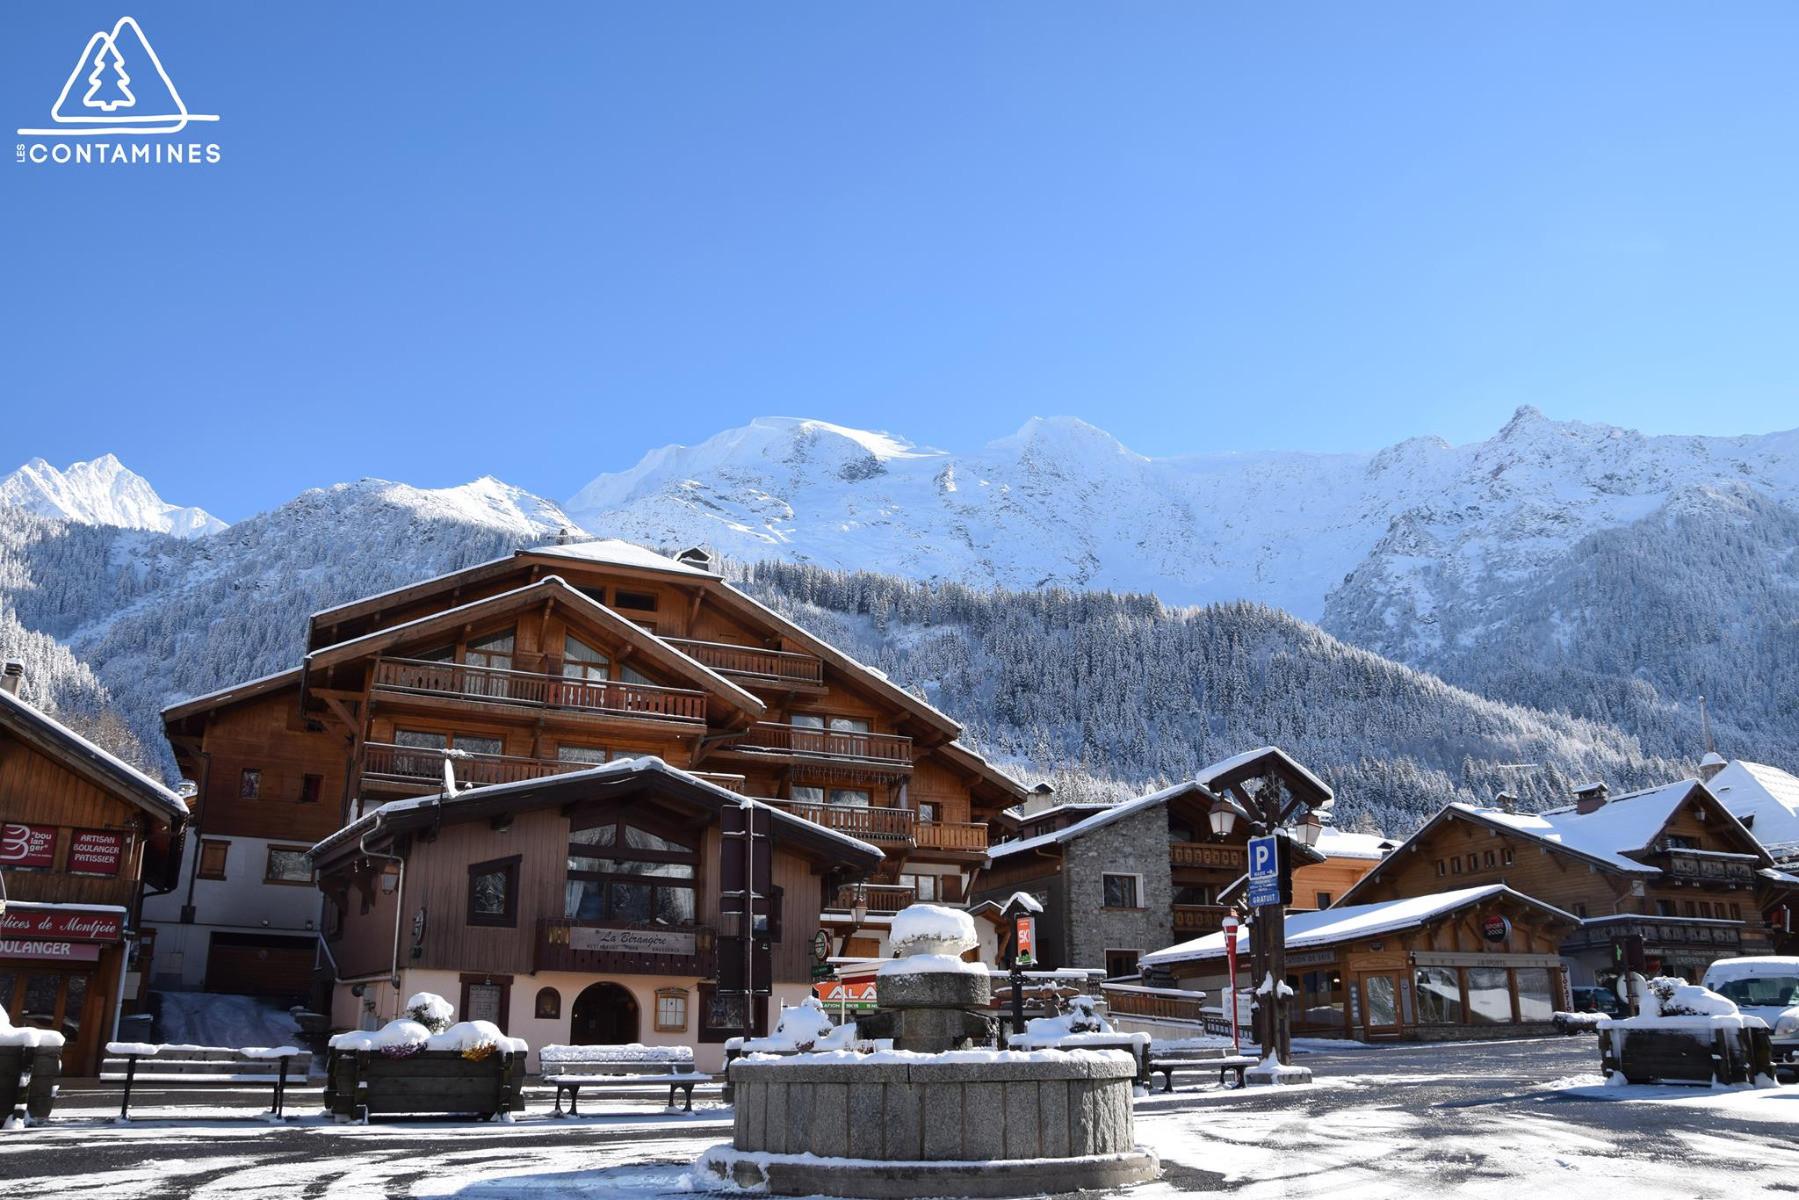 Петима британци са с коронавирус във френски ски курорт